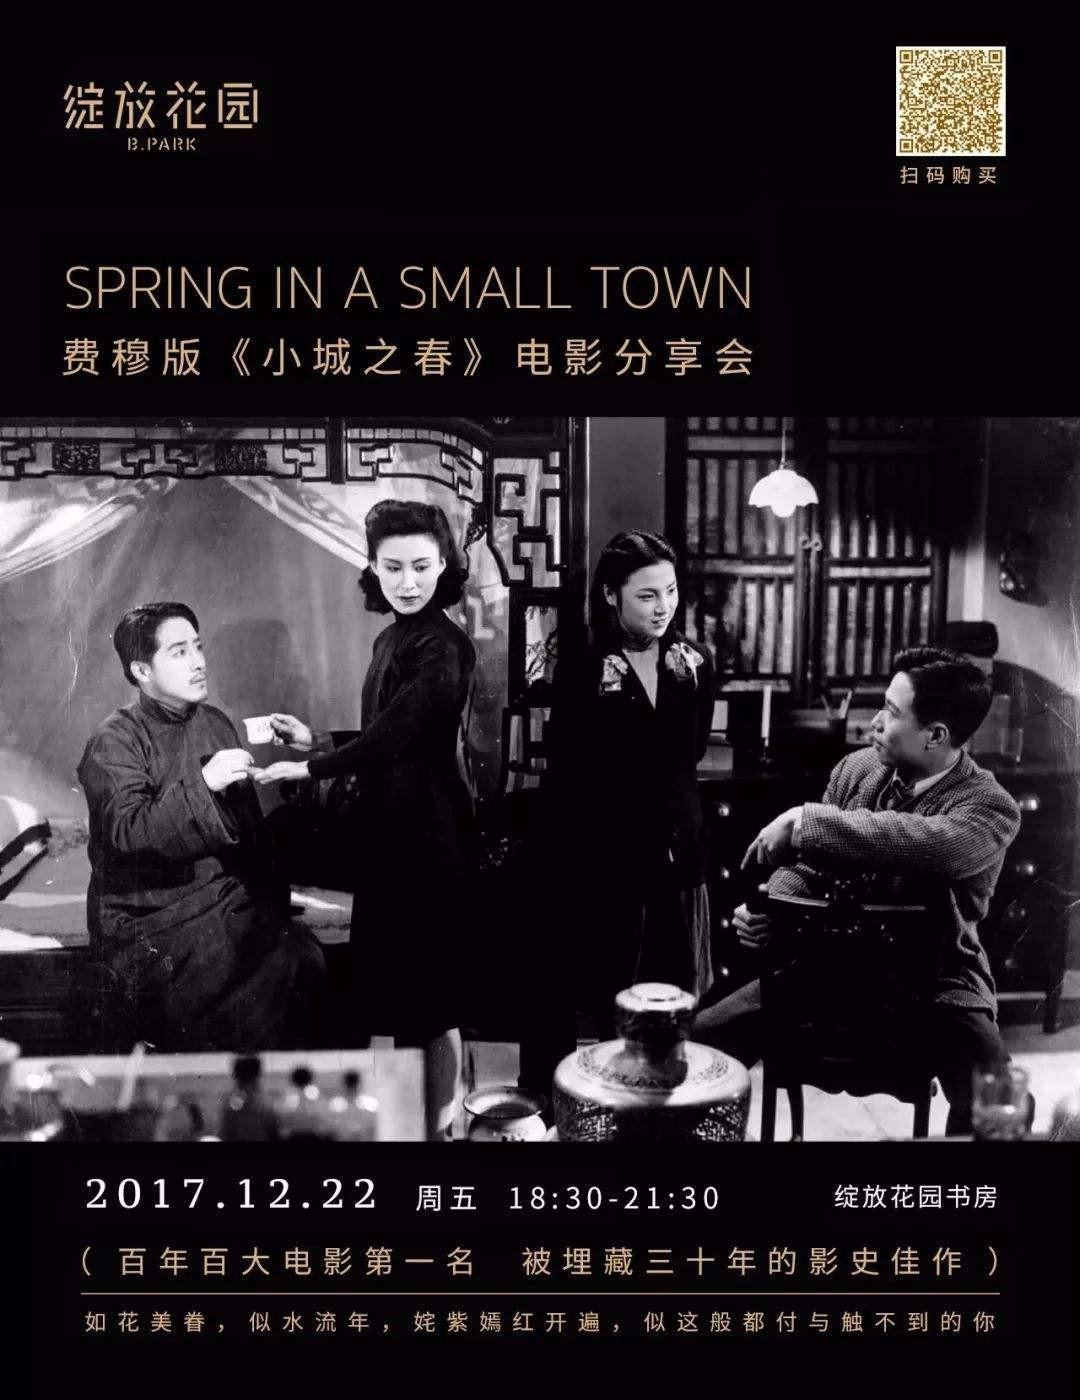 小城之春影评 小城之春有何不足